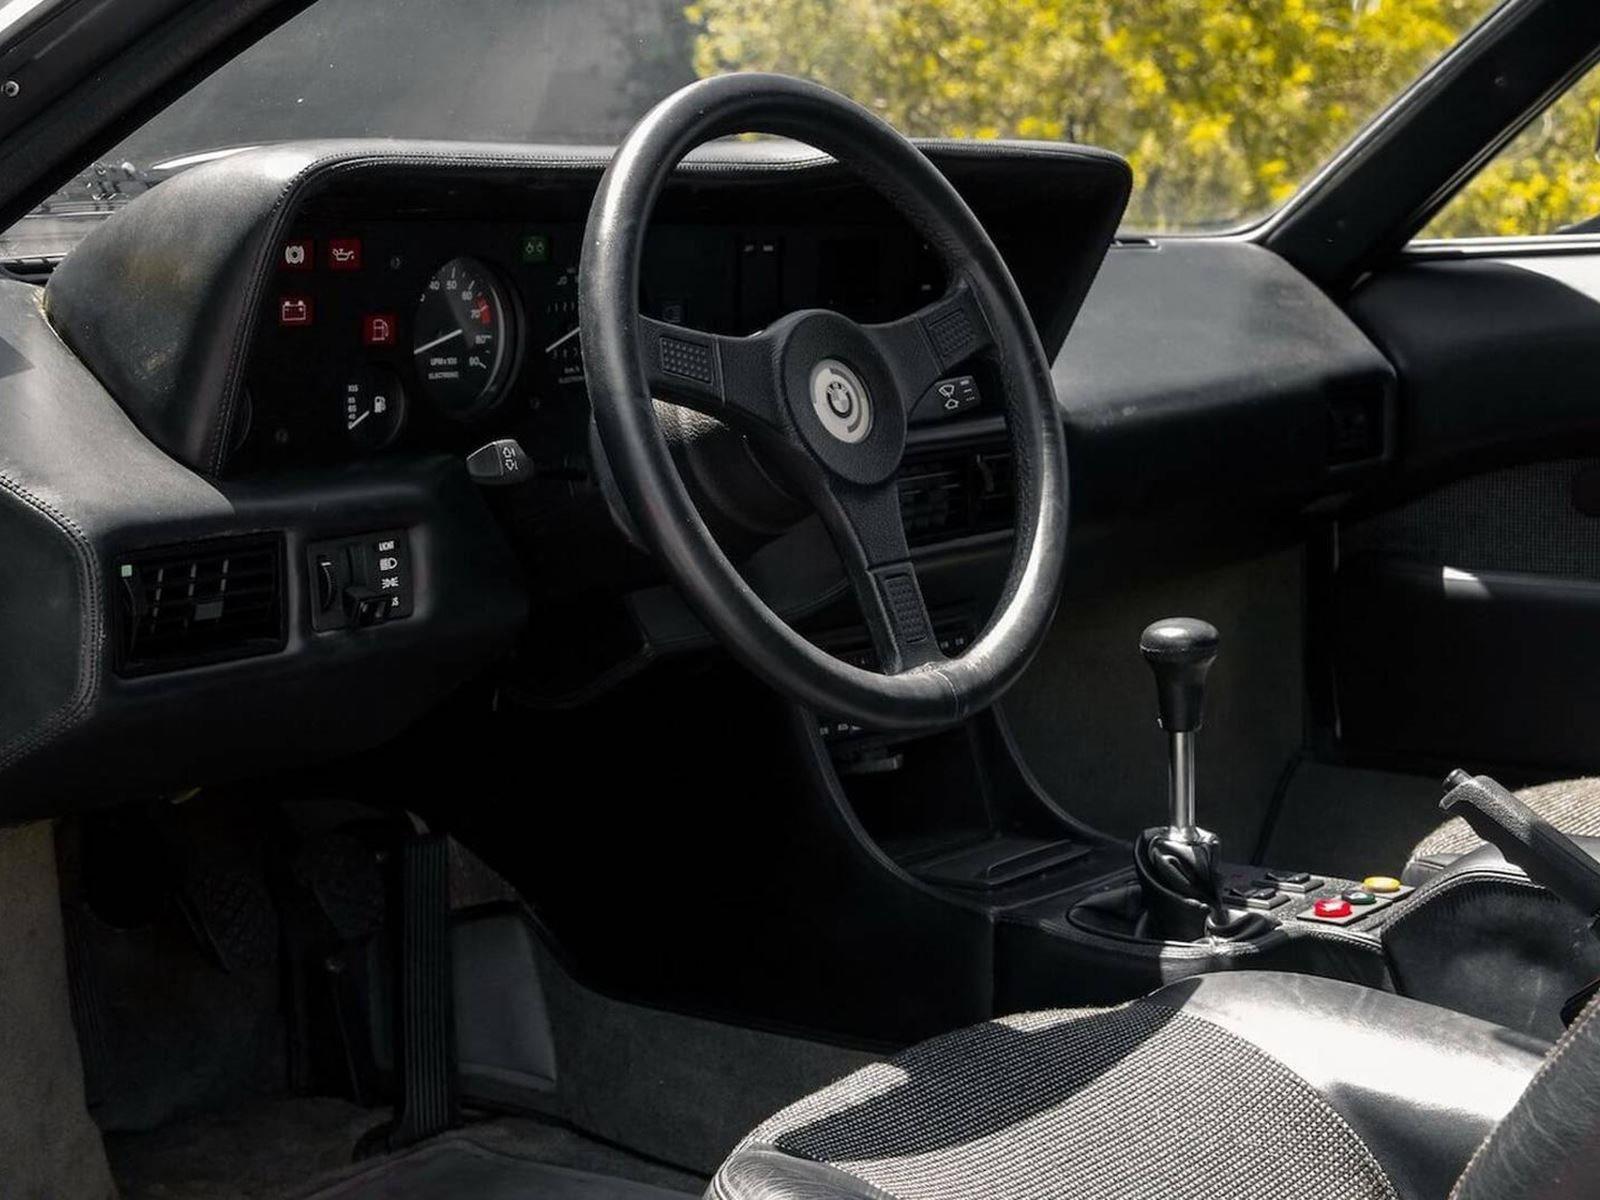 453 экземпляра, 20 из которых были гоночными автомобилями, великолепный M1 - один из самых редких и востребованных BMW, из когда-либо созданных. Построенный между 1978 и 1981 годами, M1 был единственным суперкаром BMW, что делает его весьма желательн